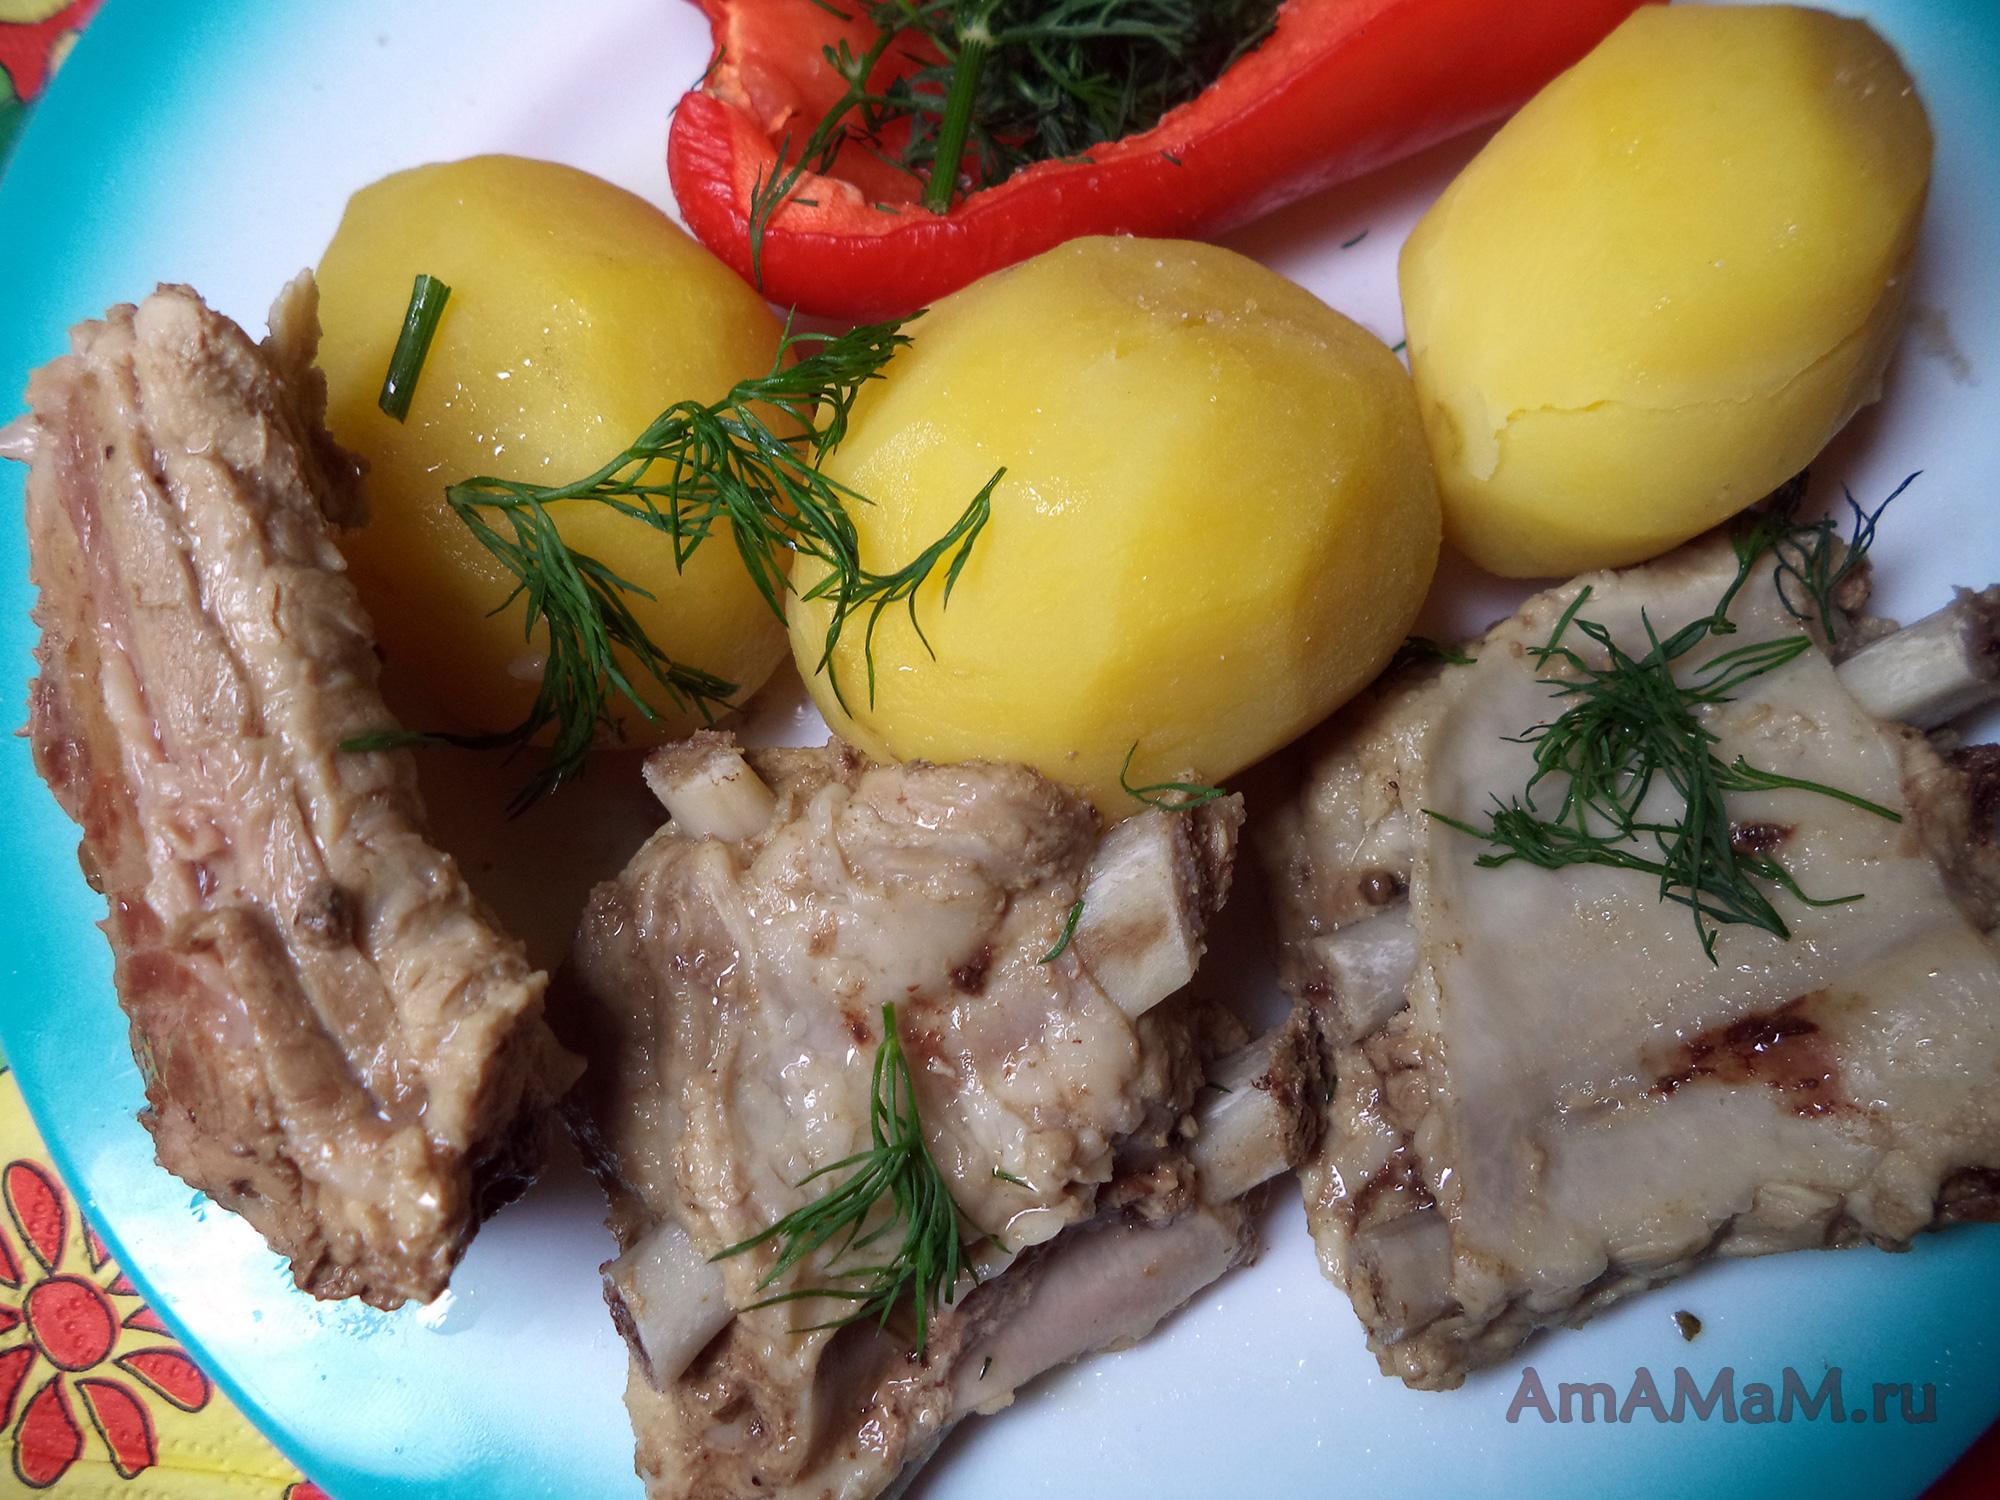 Мясные блюда из говядины рецепты с фото к праздничному столу рецепты с фото